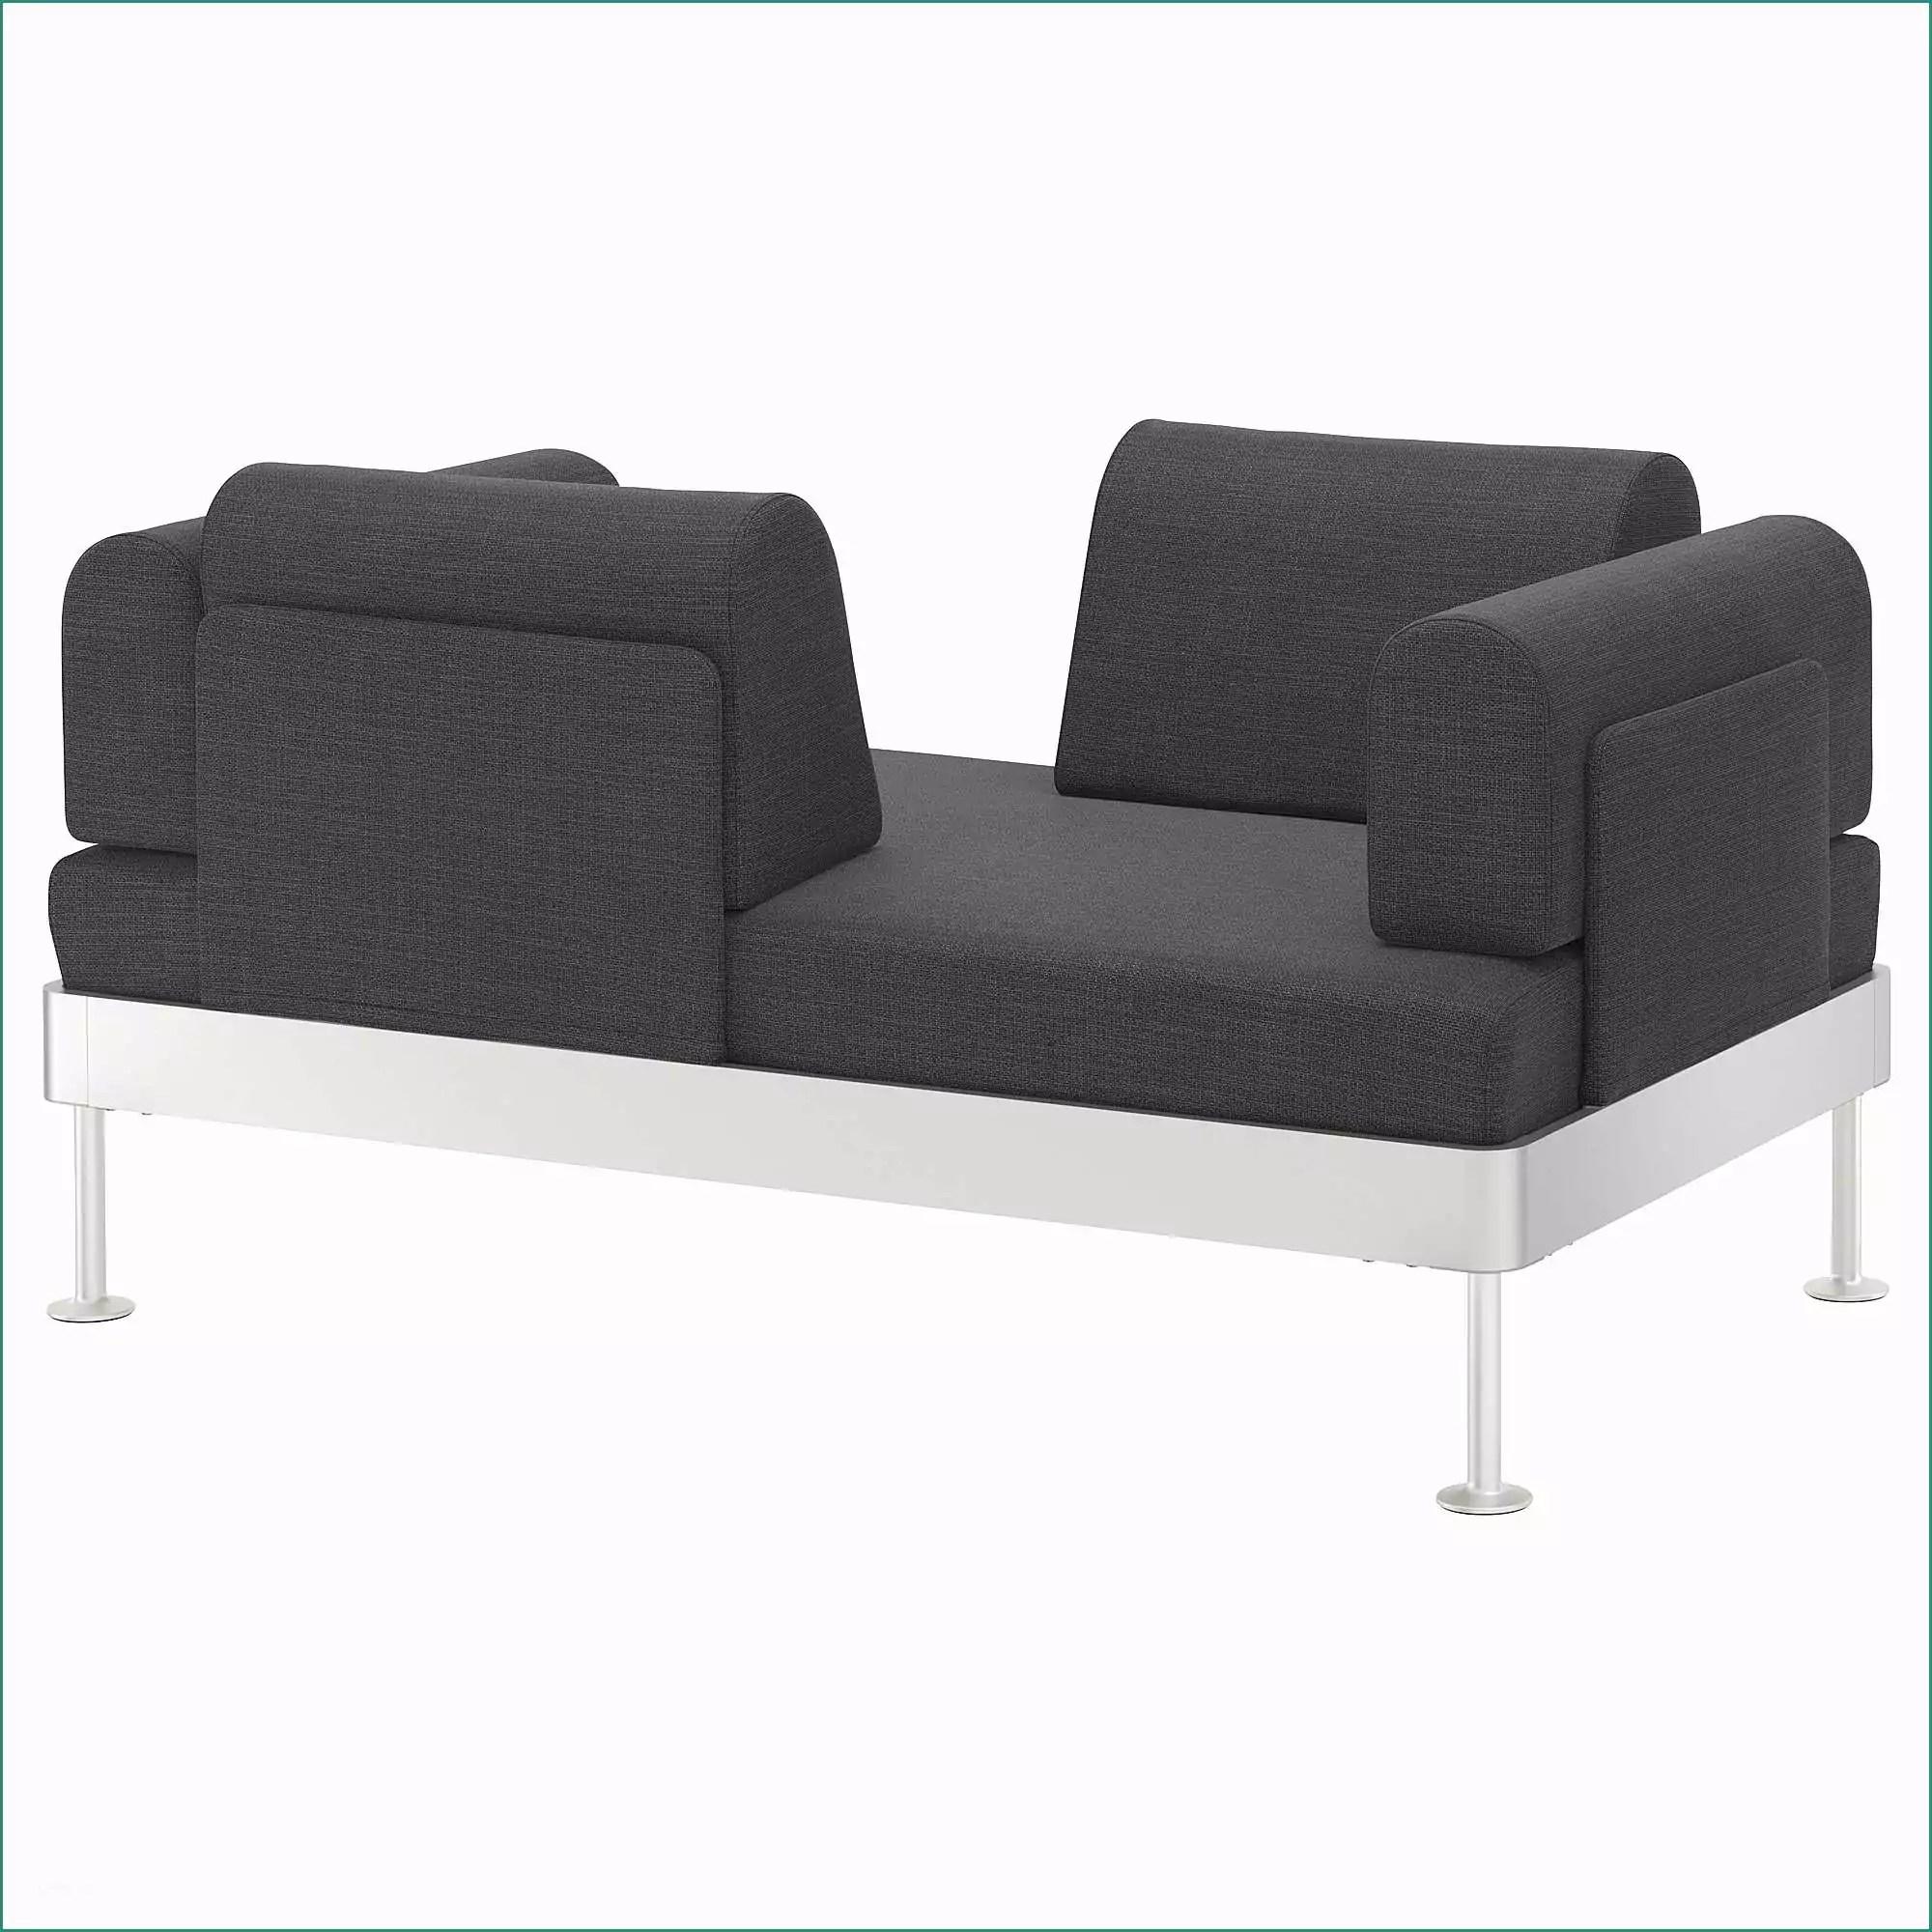 Divani Con Chaise Longue Ikea | Divano 3 Posti Relax Elettrico ...